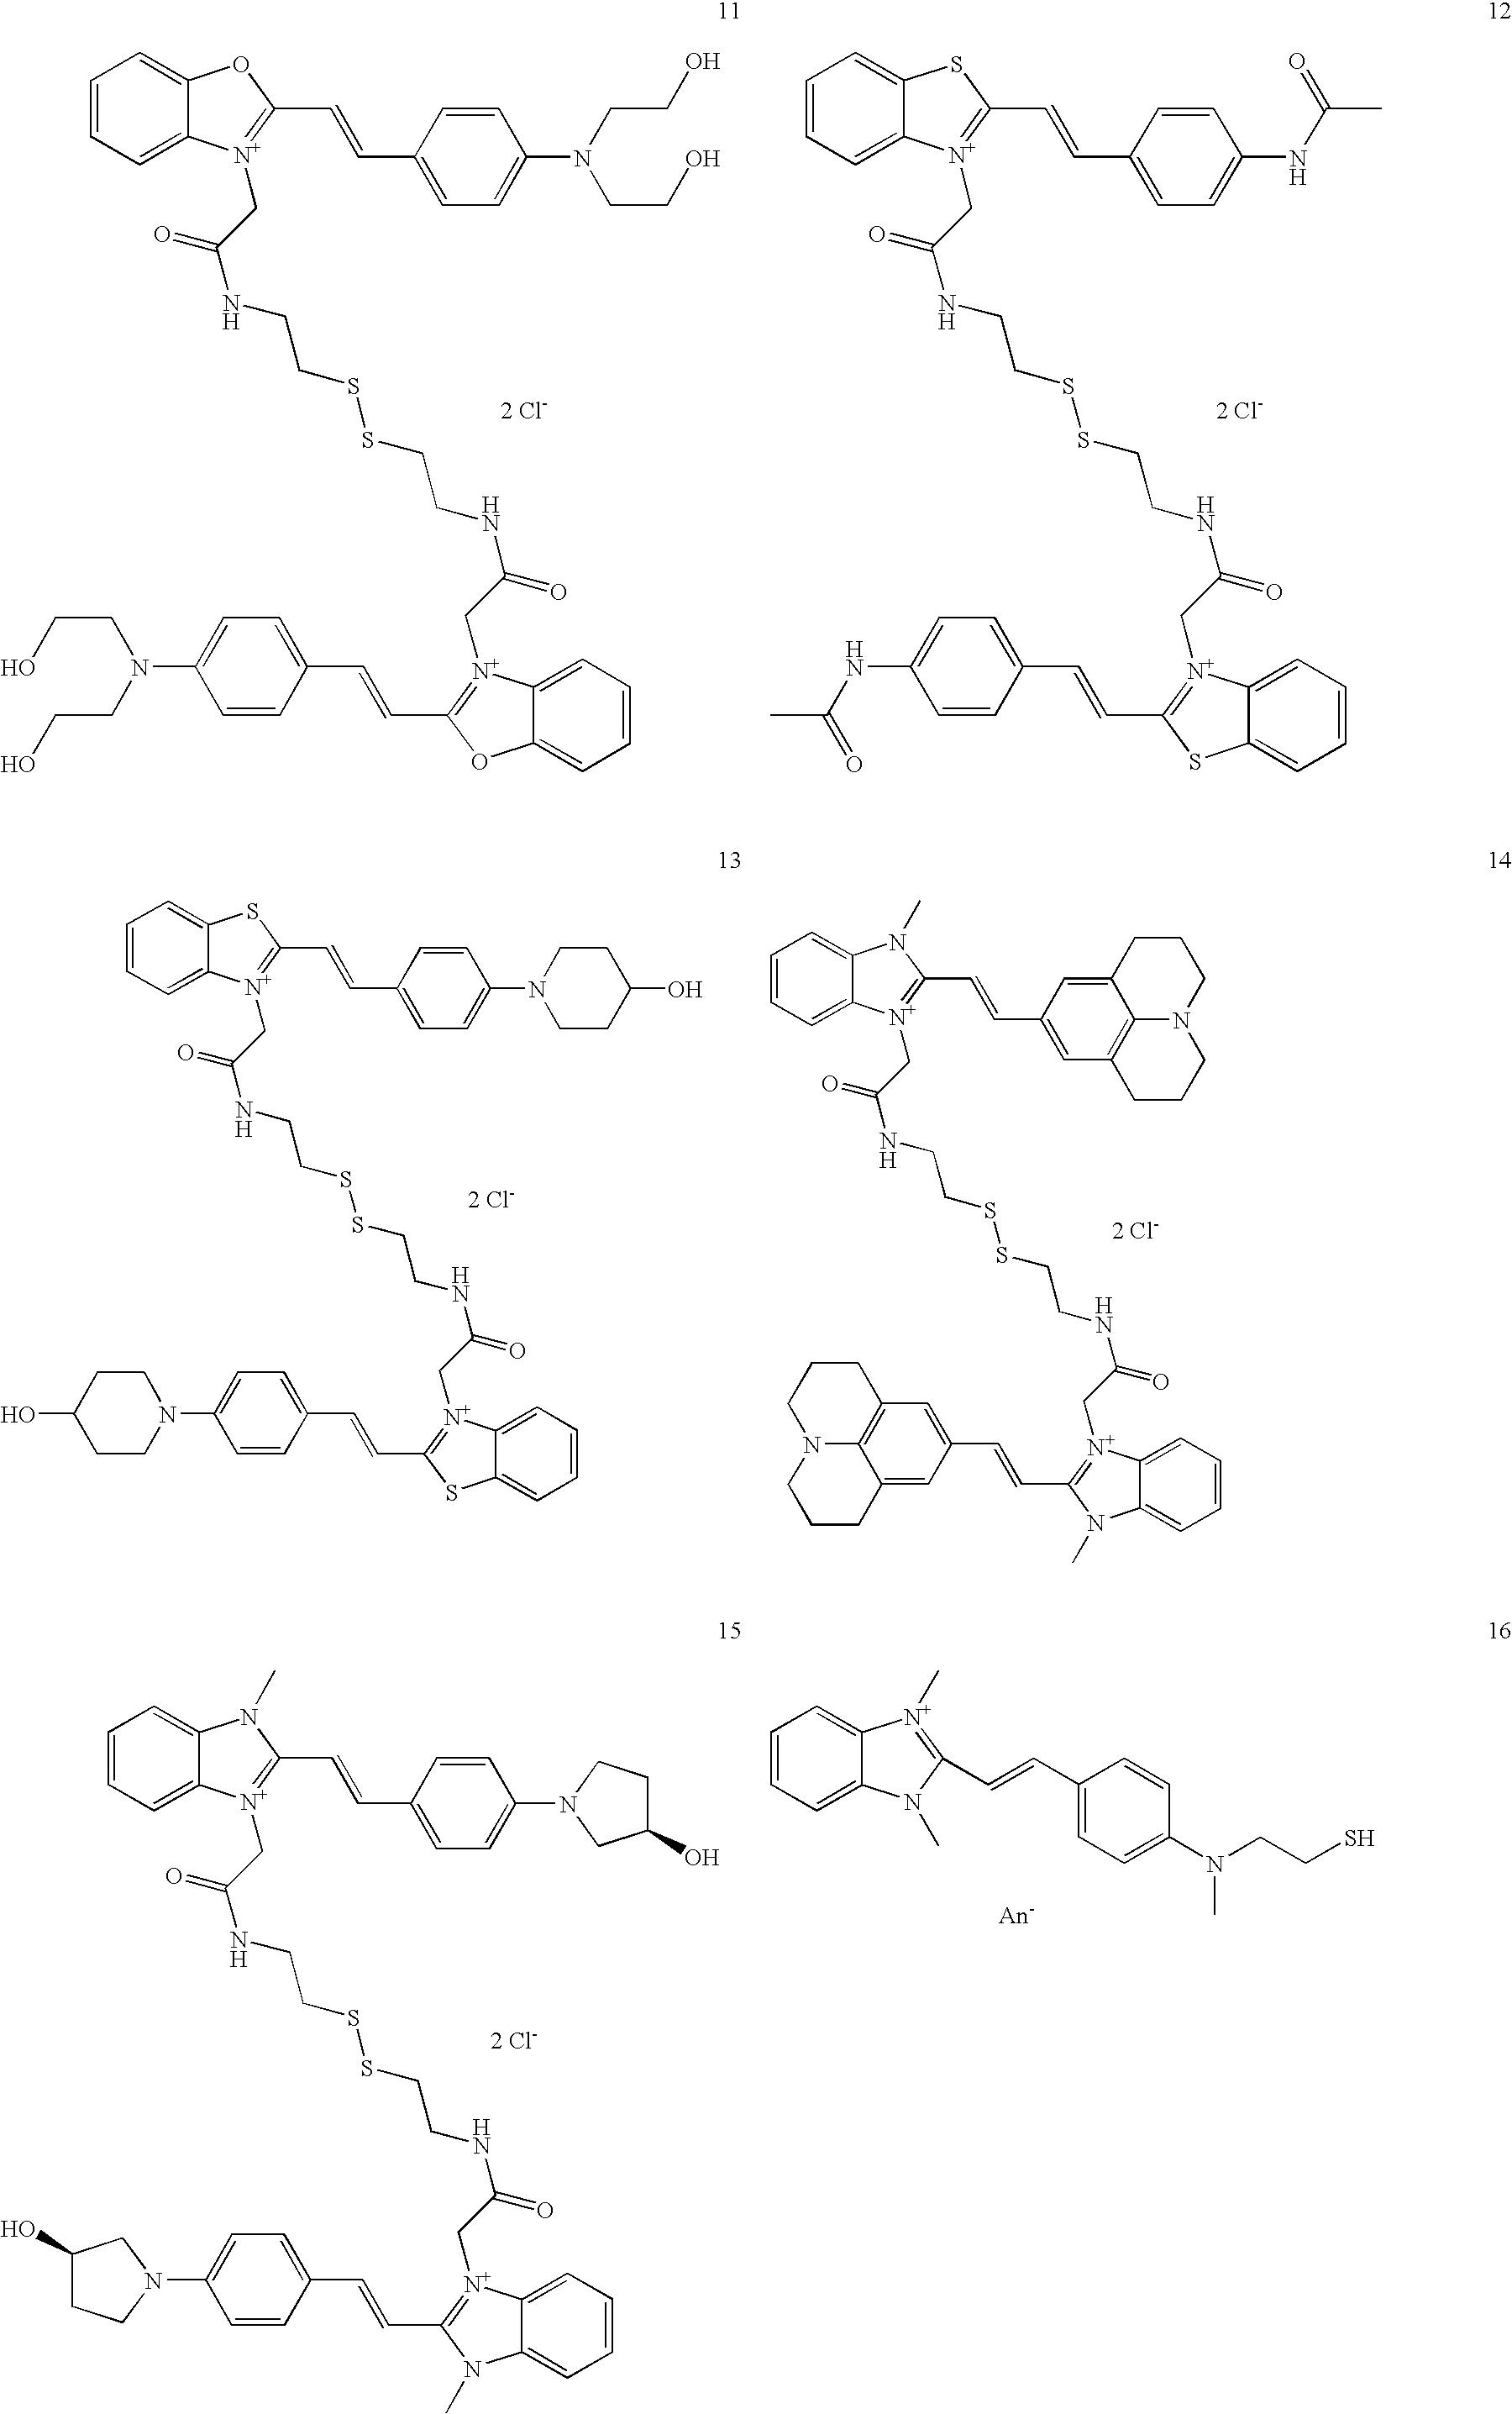 Figure US20090211038A1-20090827-C00011